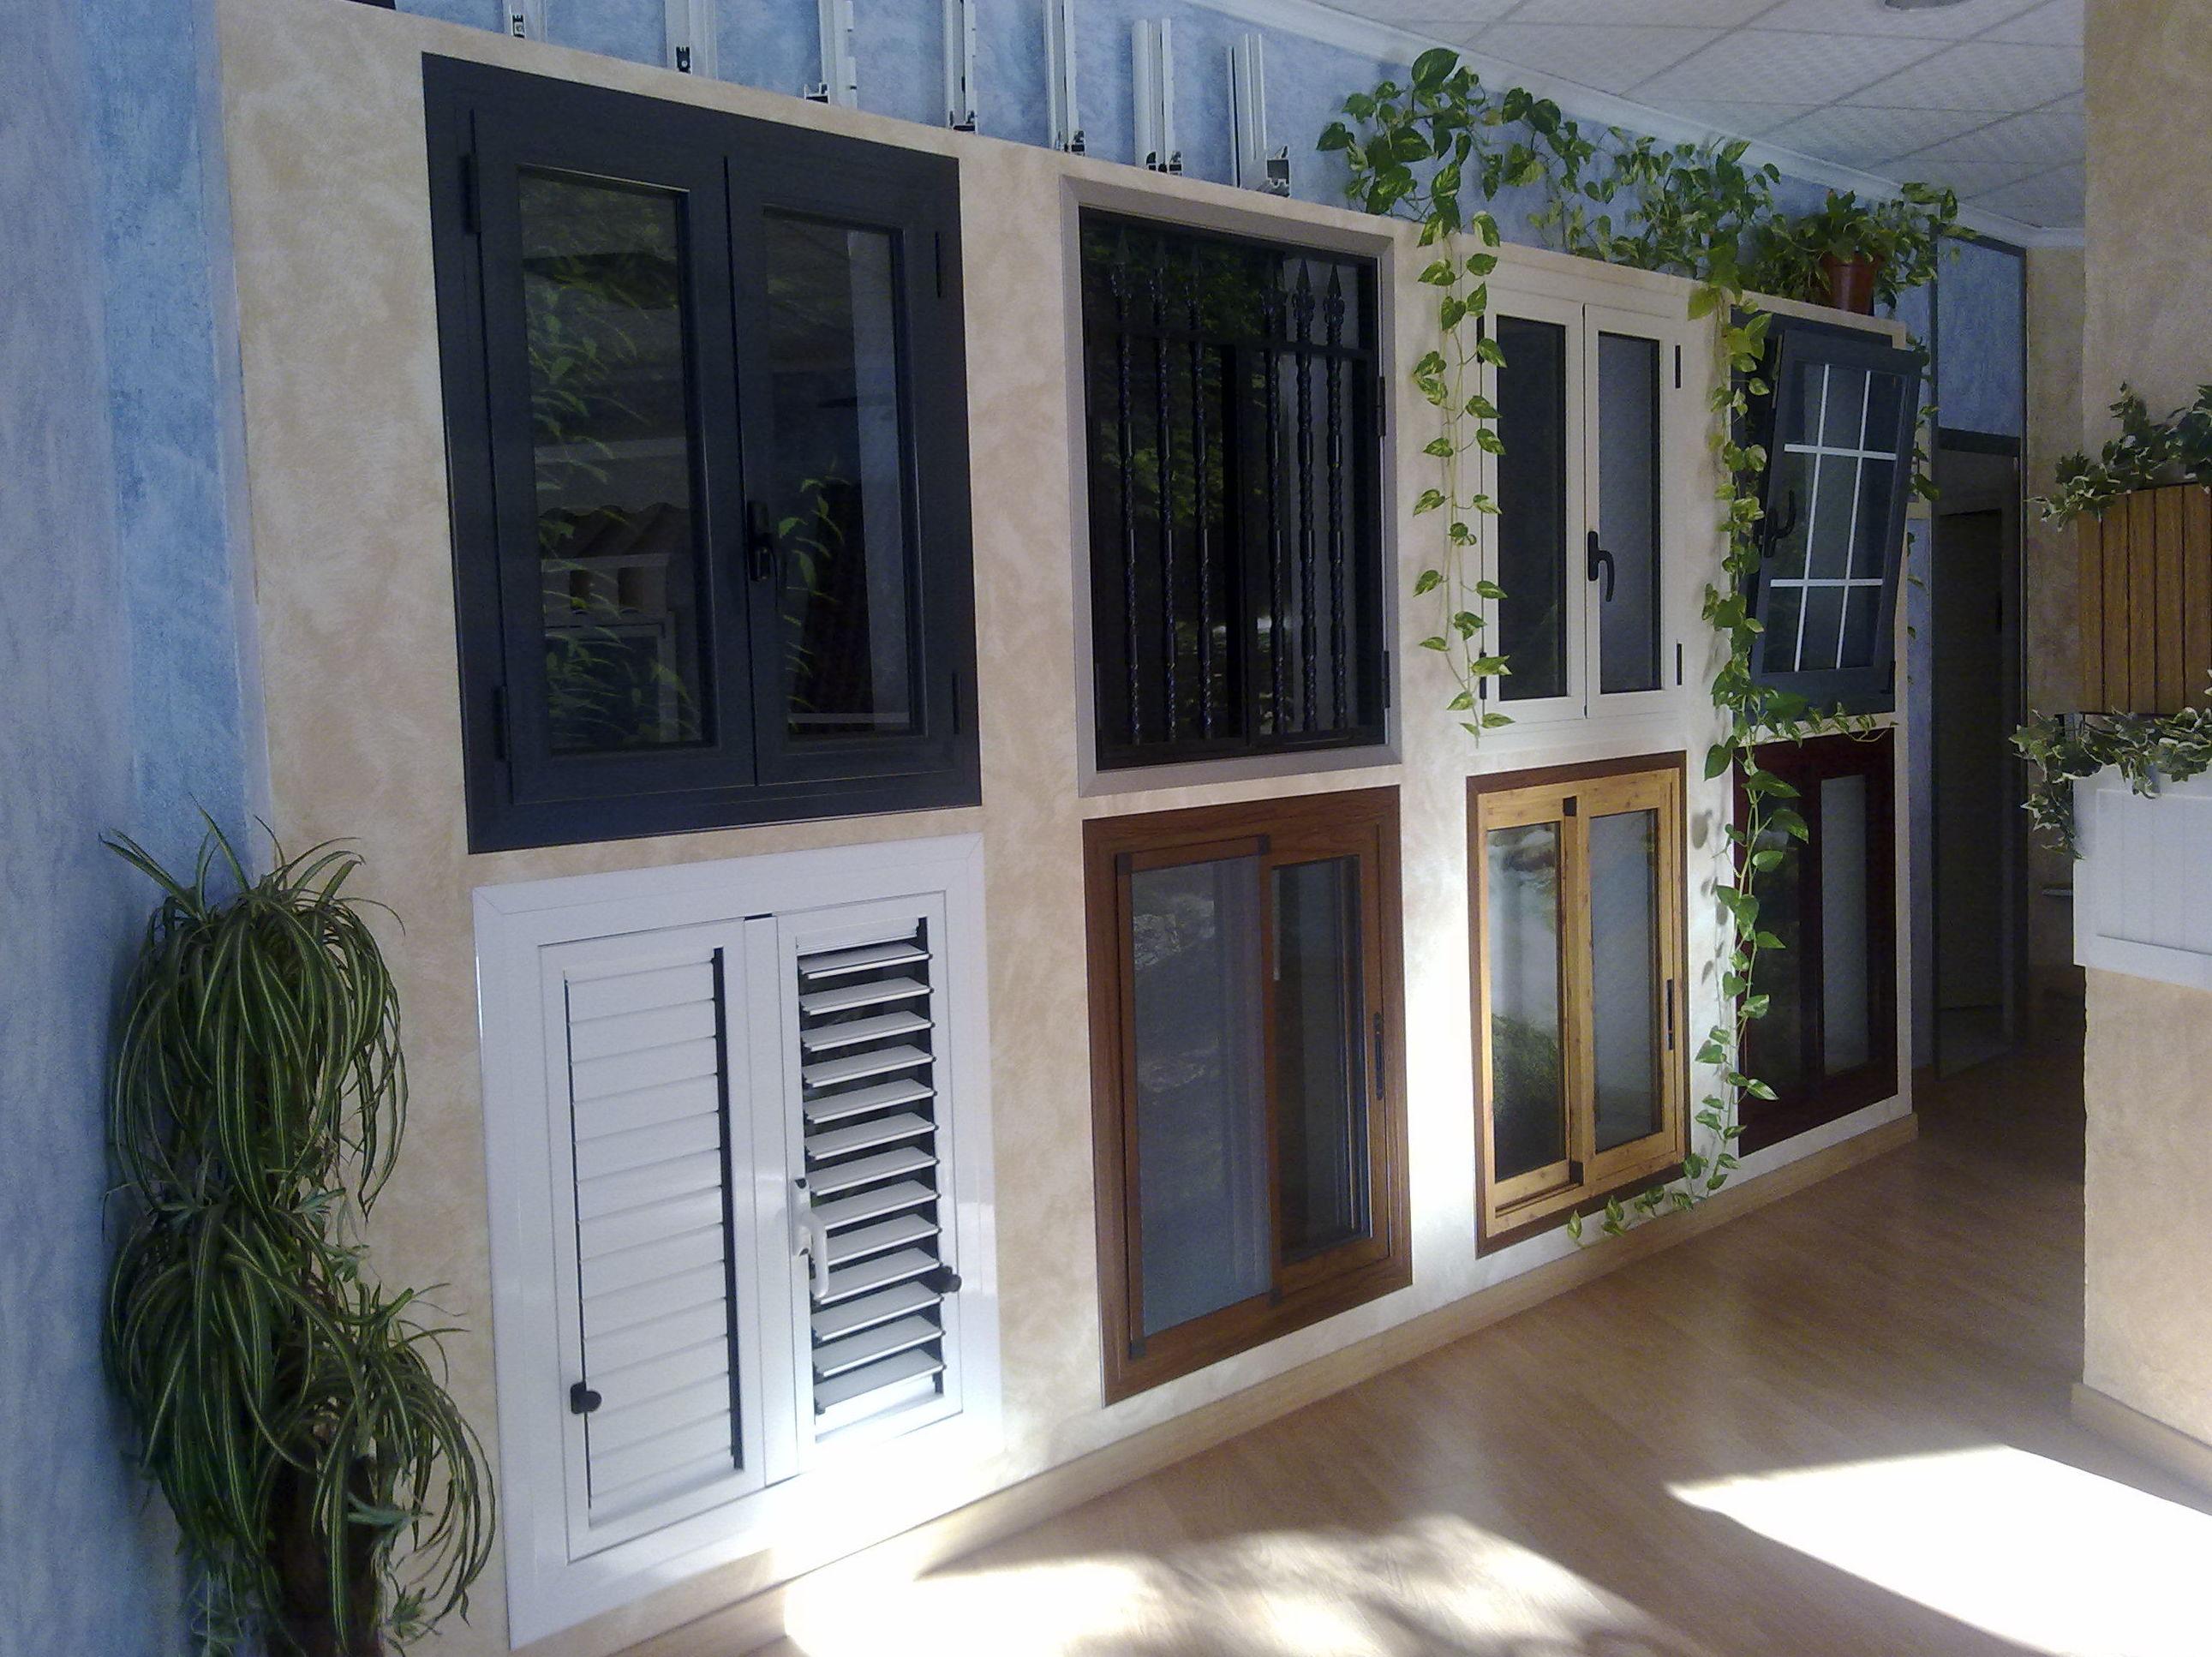 Exposición de ventanas de aluminio